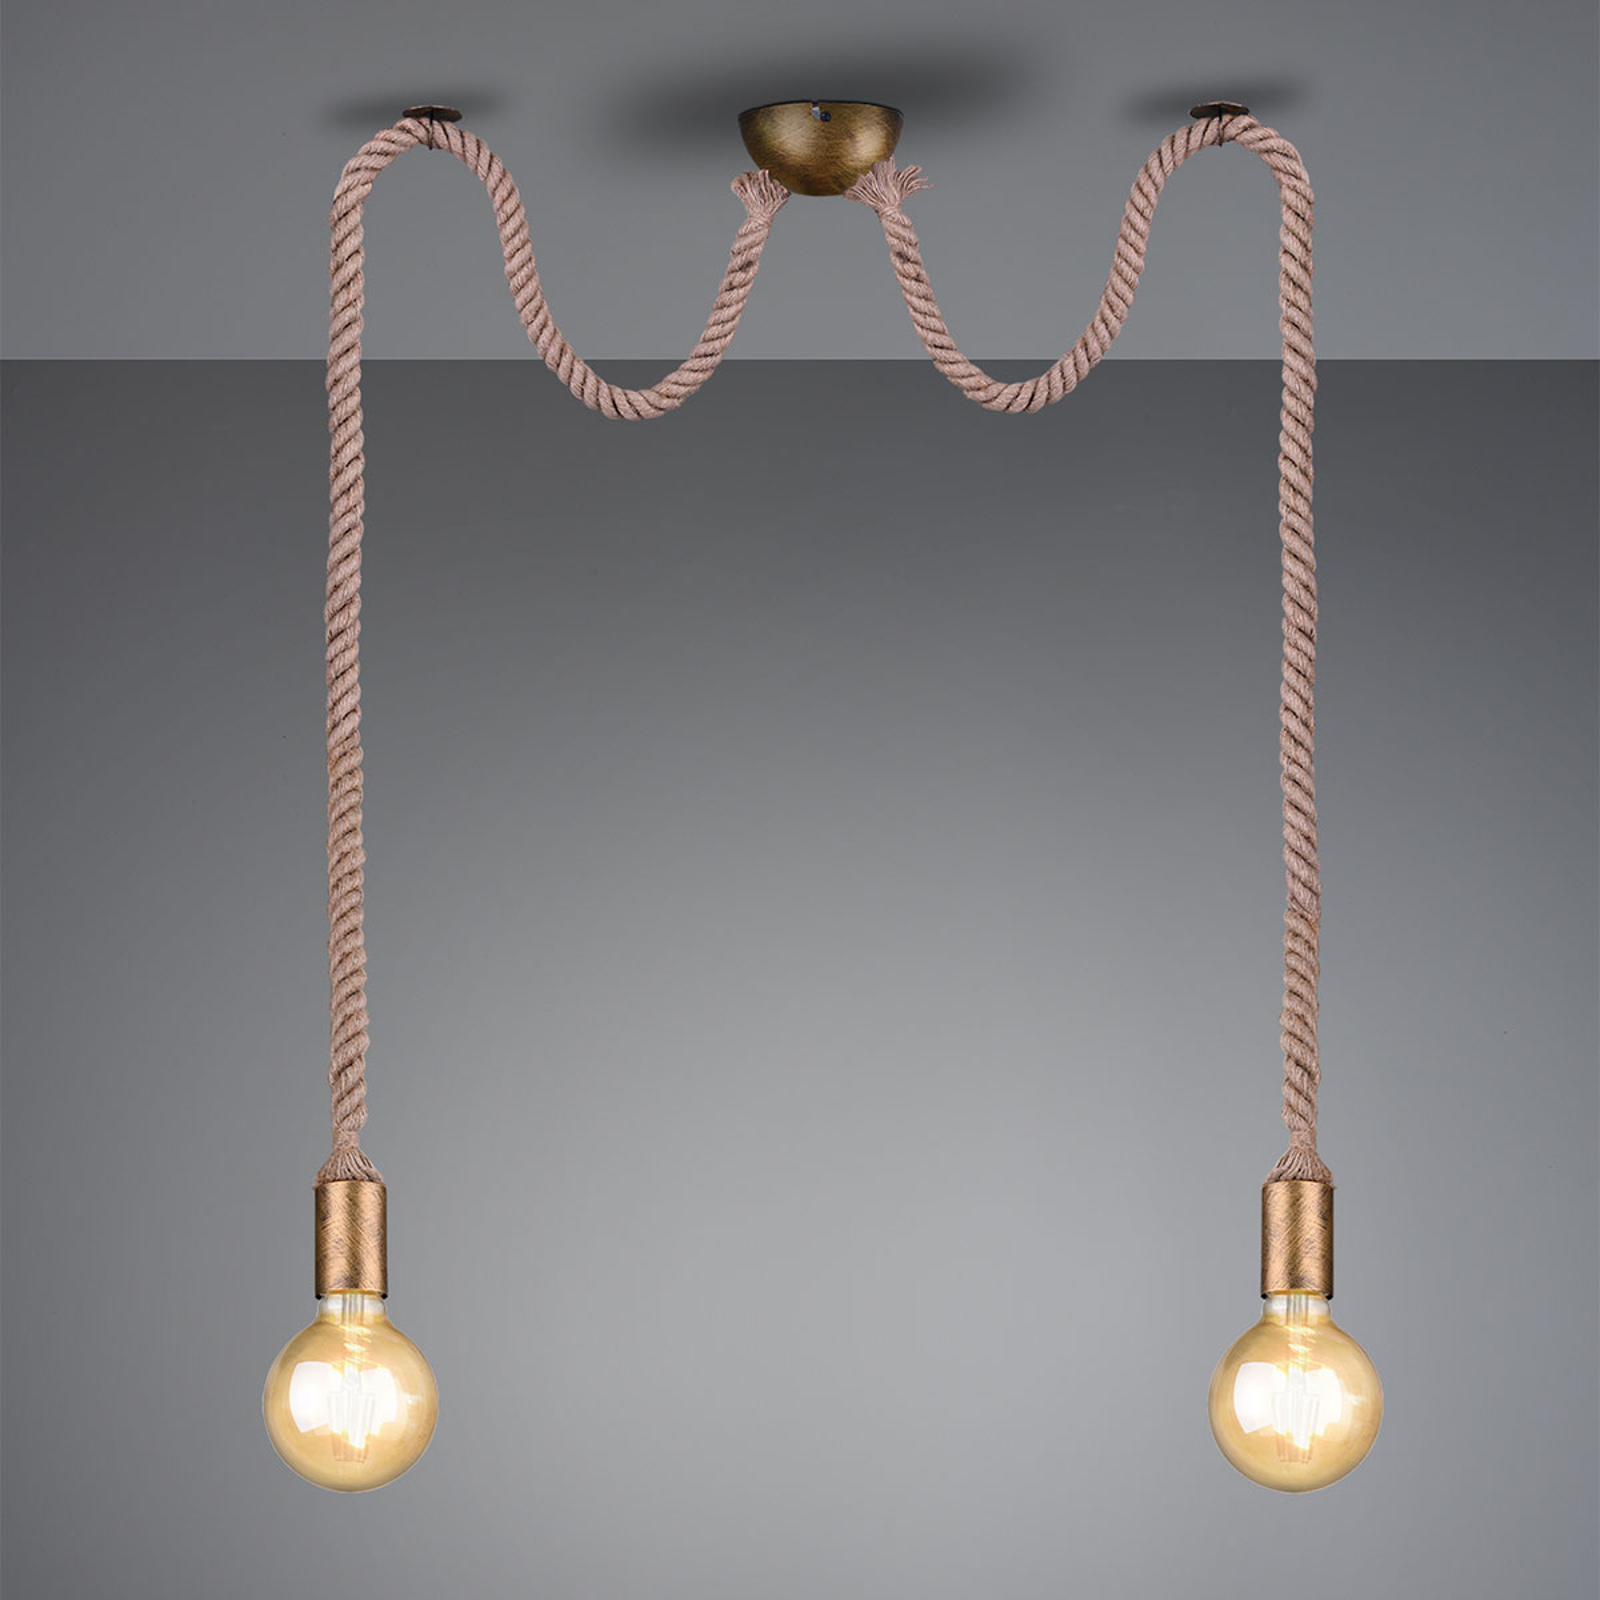 Hanglamp Rope met decoratieve kabel, 2-lamp